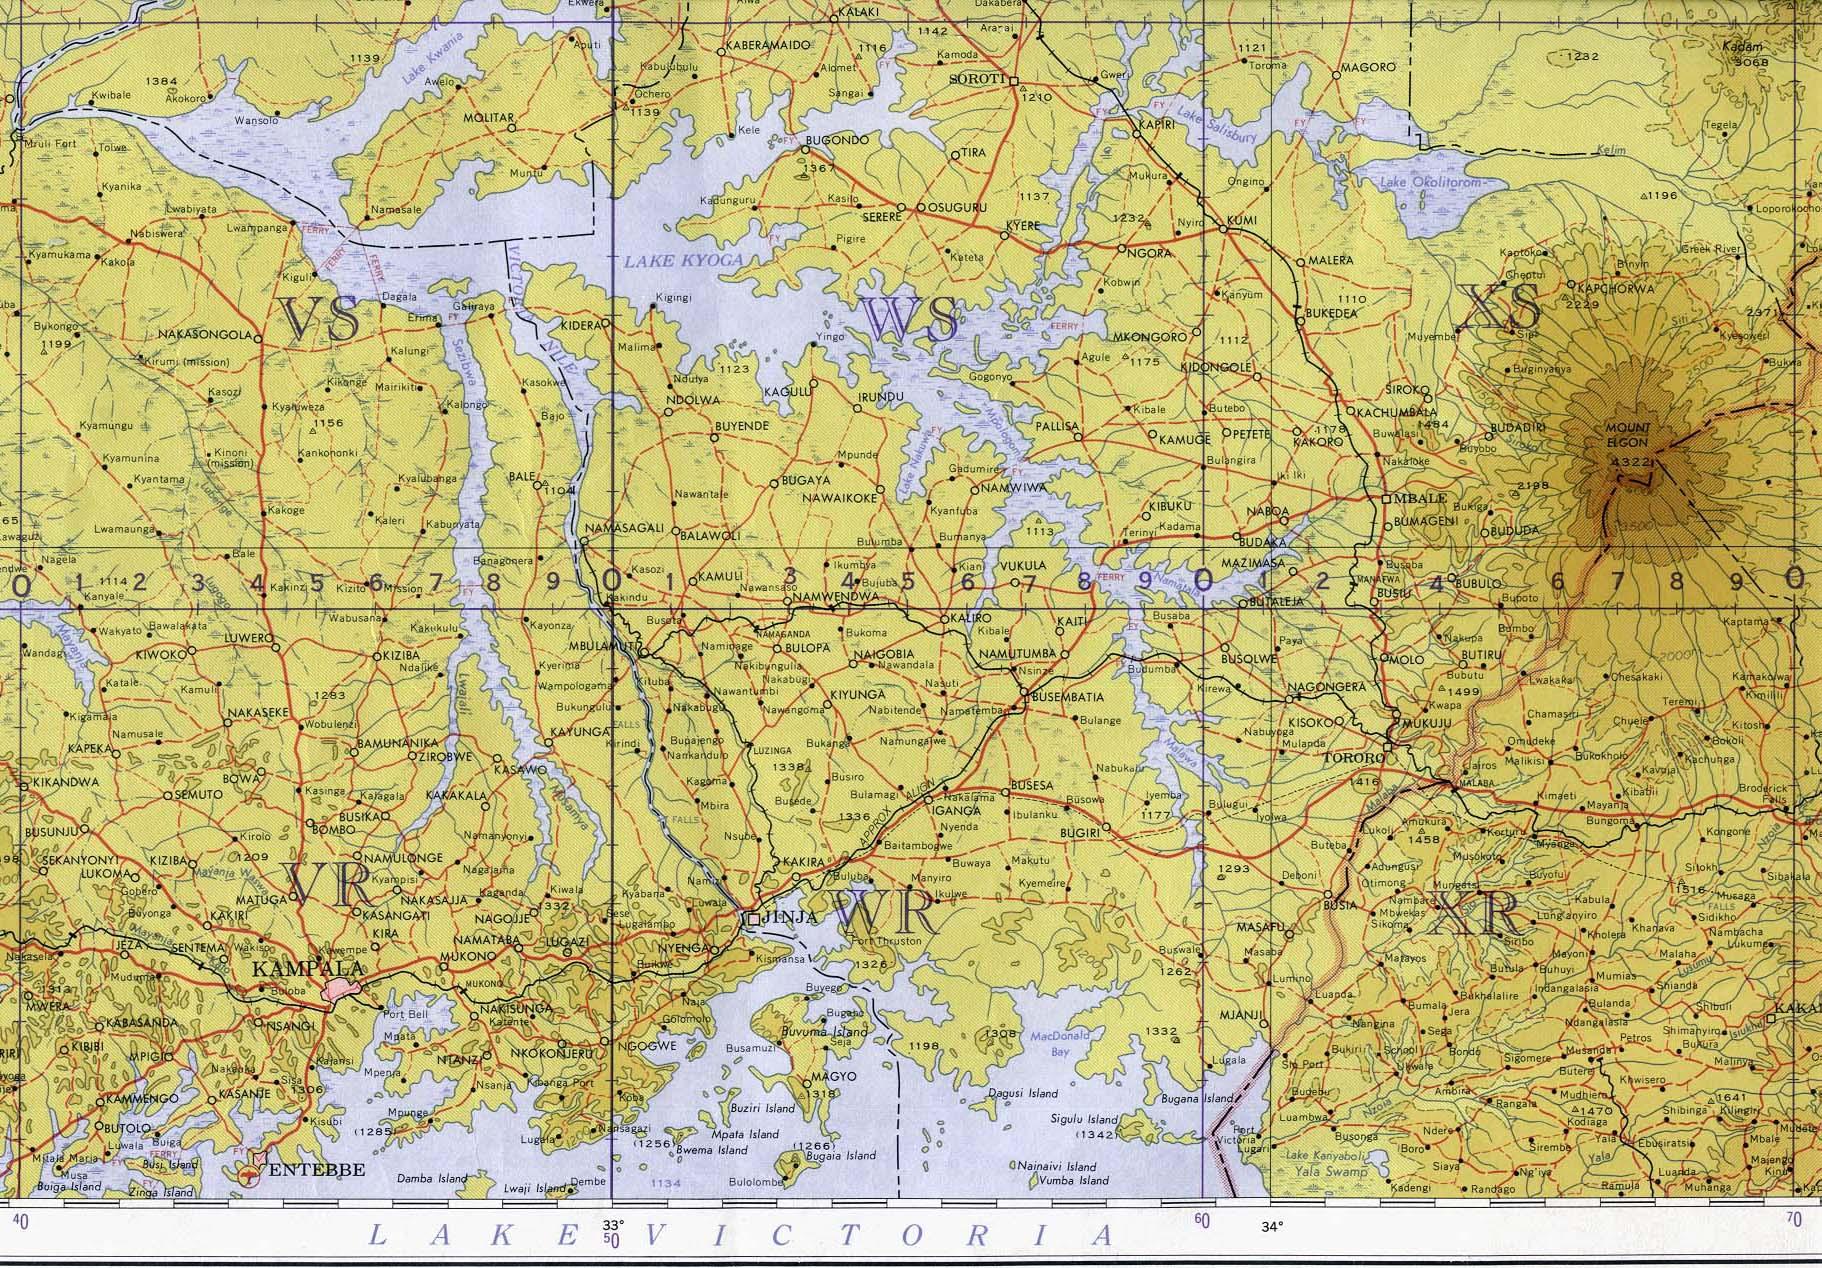 Mapa Topográfico de Uganda Suroriental